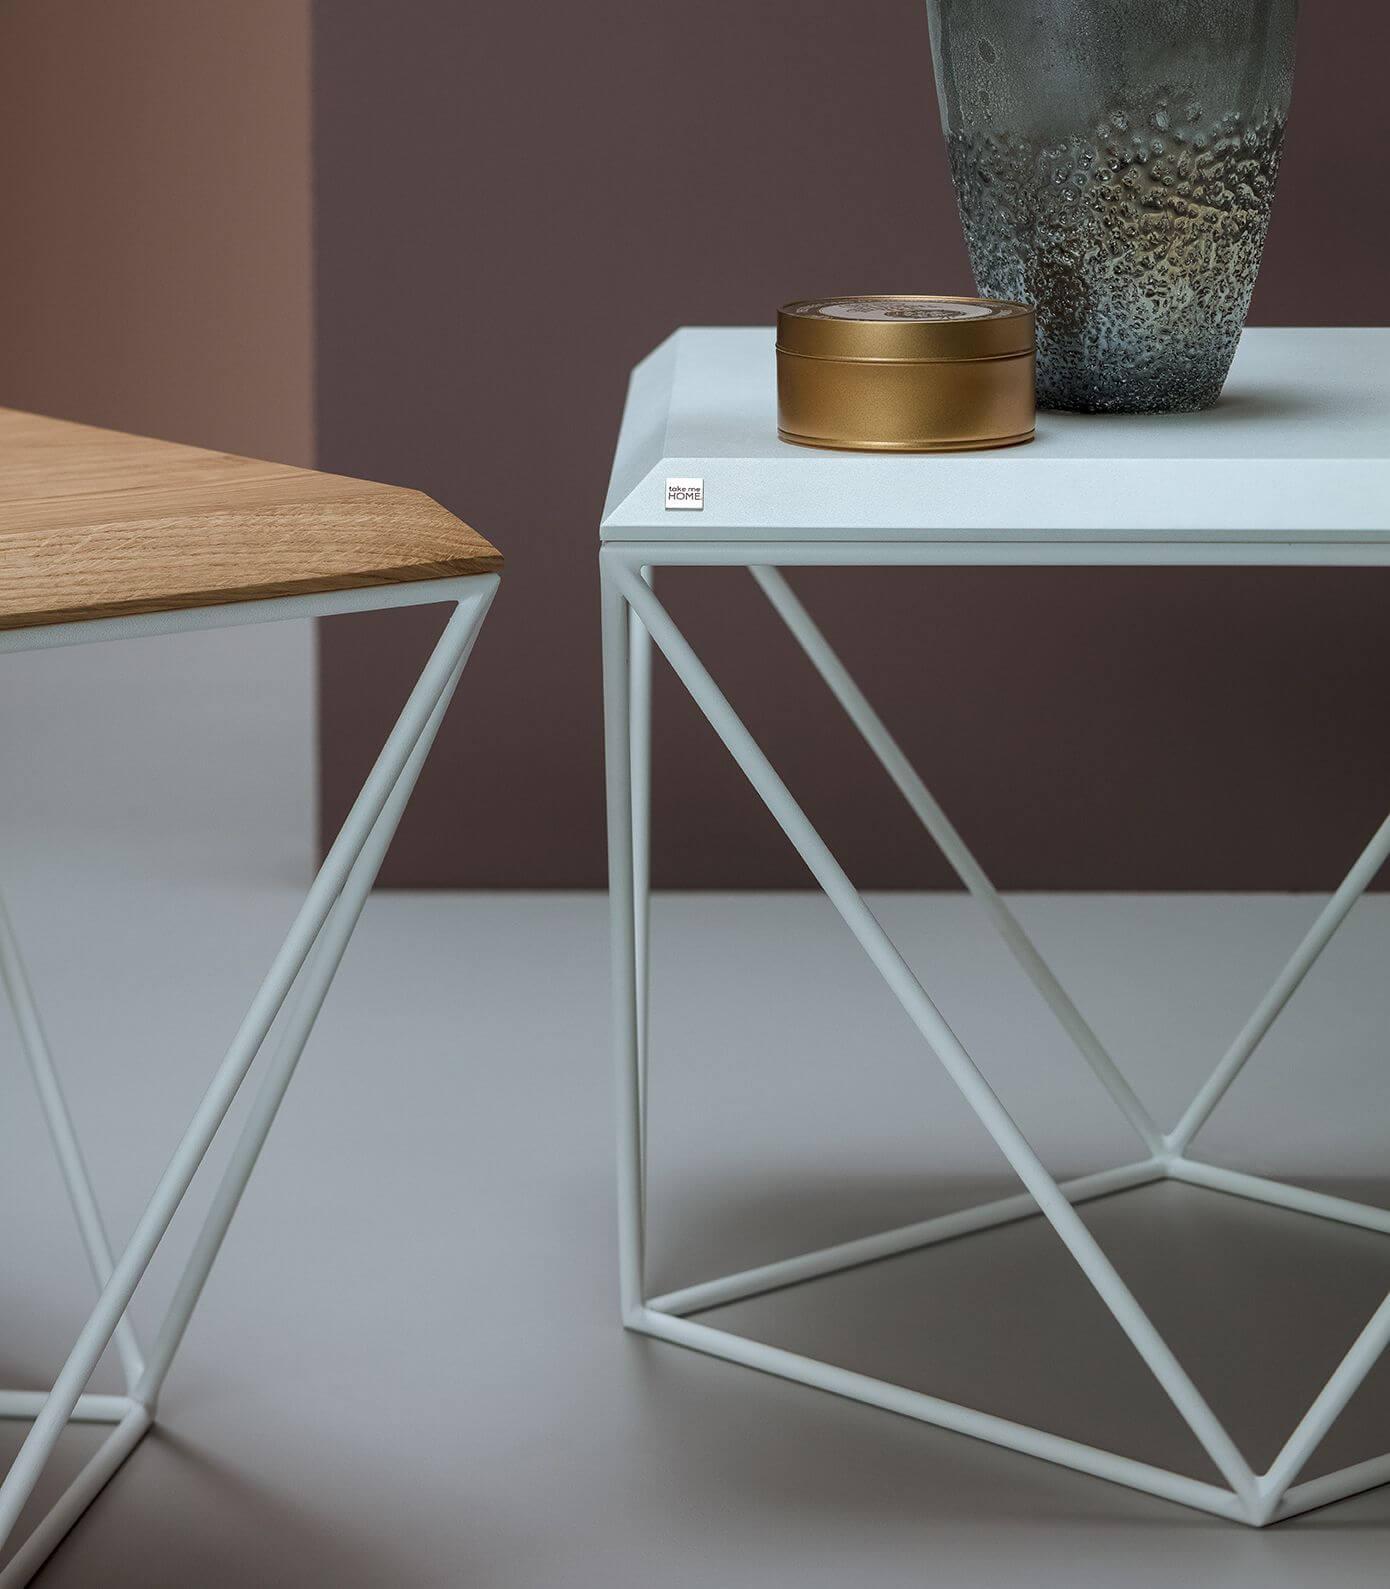 stoliki minimalistyczne - take me HOME